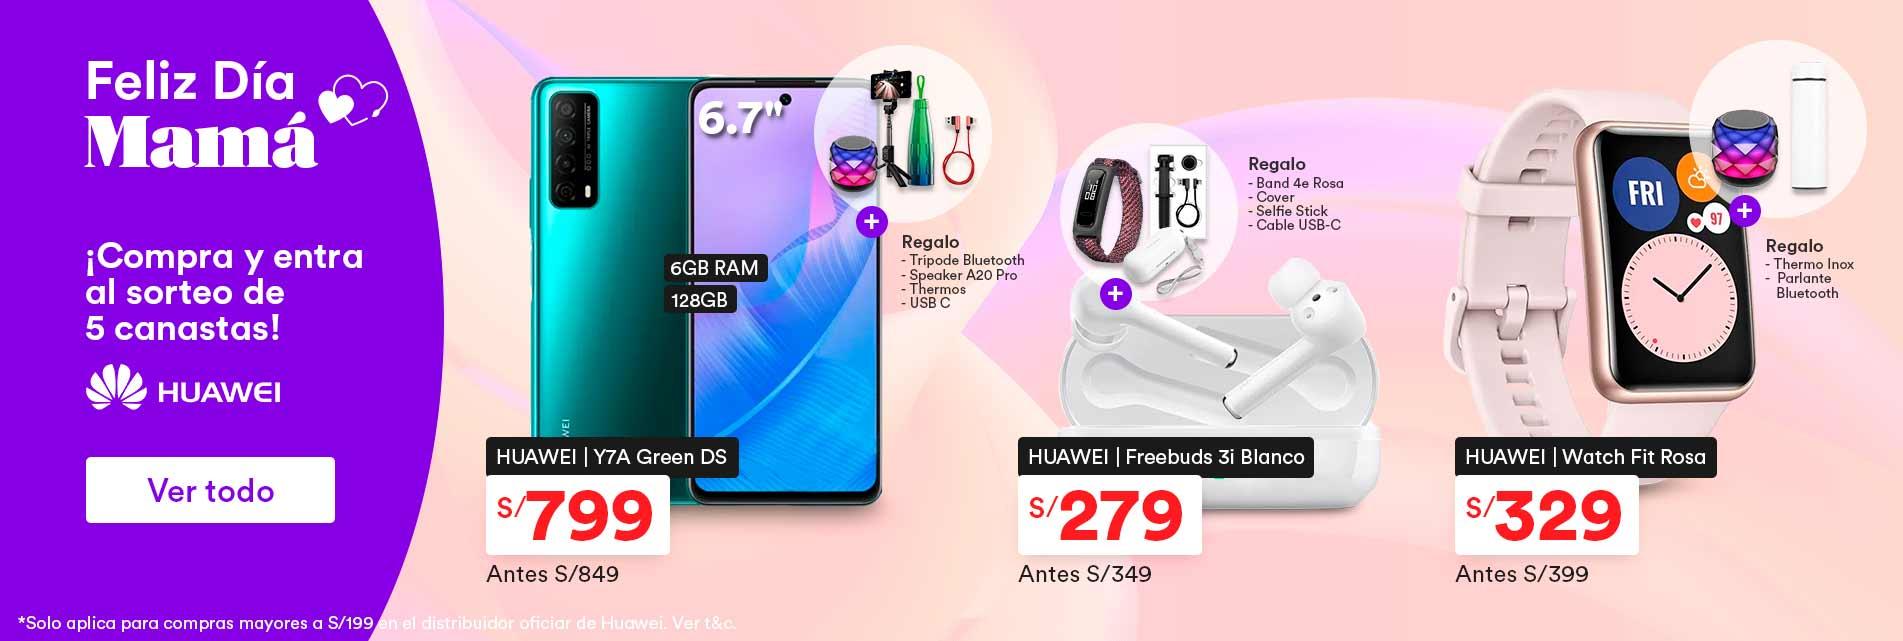 Sorteo de 5 canastas por la compra de S/.199 a más en productos Huawei